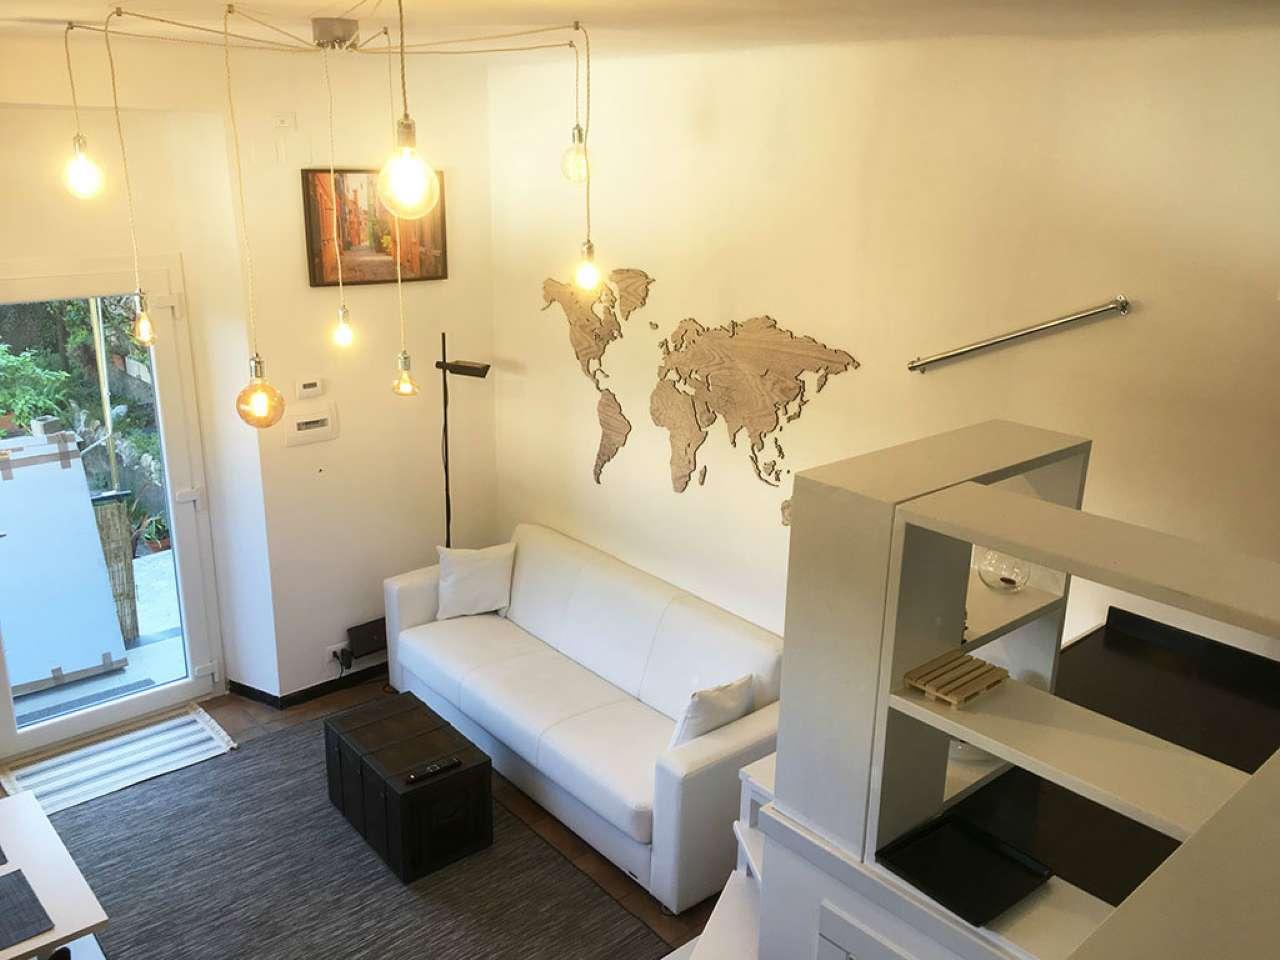 Appartamento in vendita a Bogliasco, 1 locali, prezzo € 139.000 | CambioCasa.it